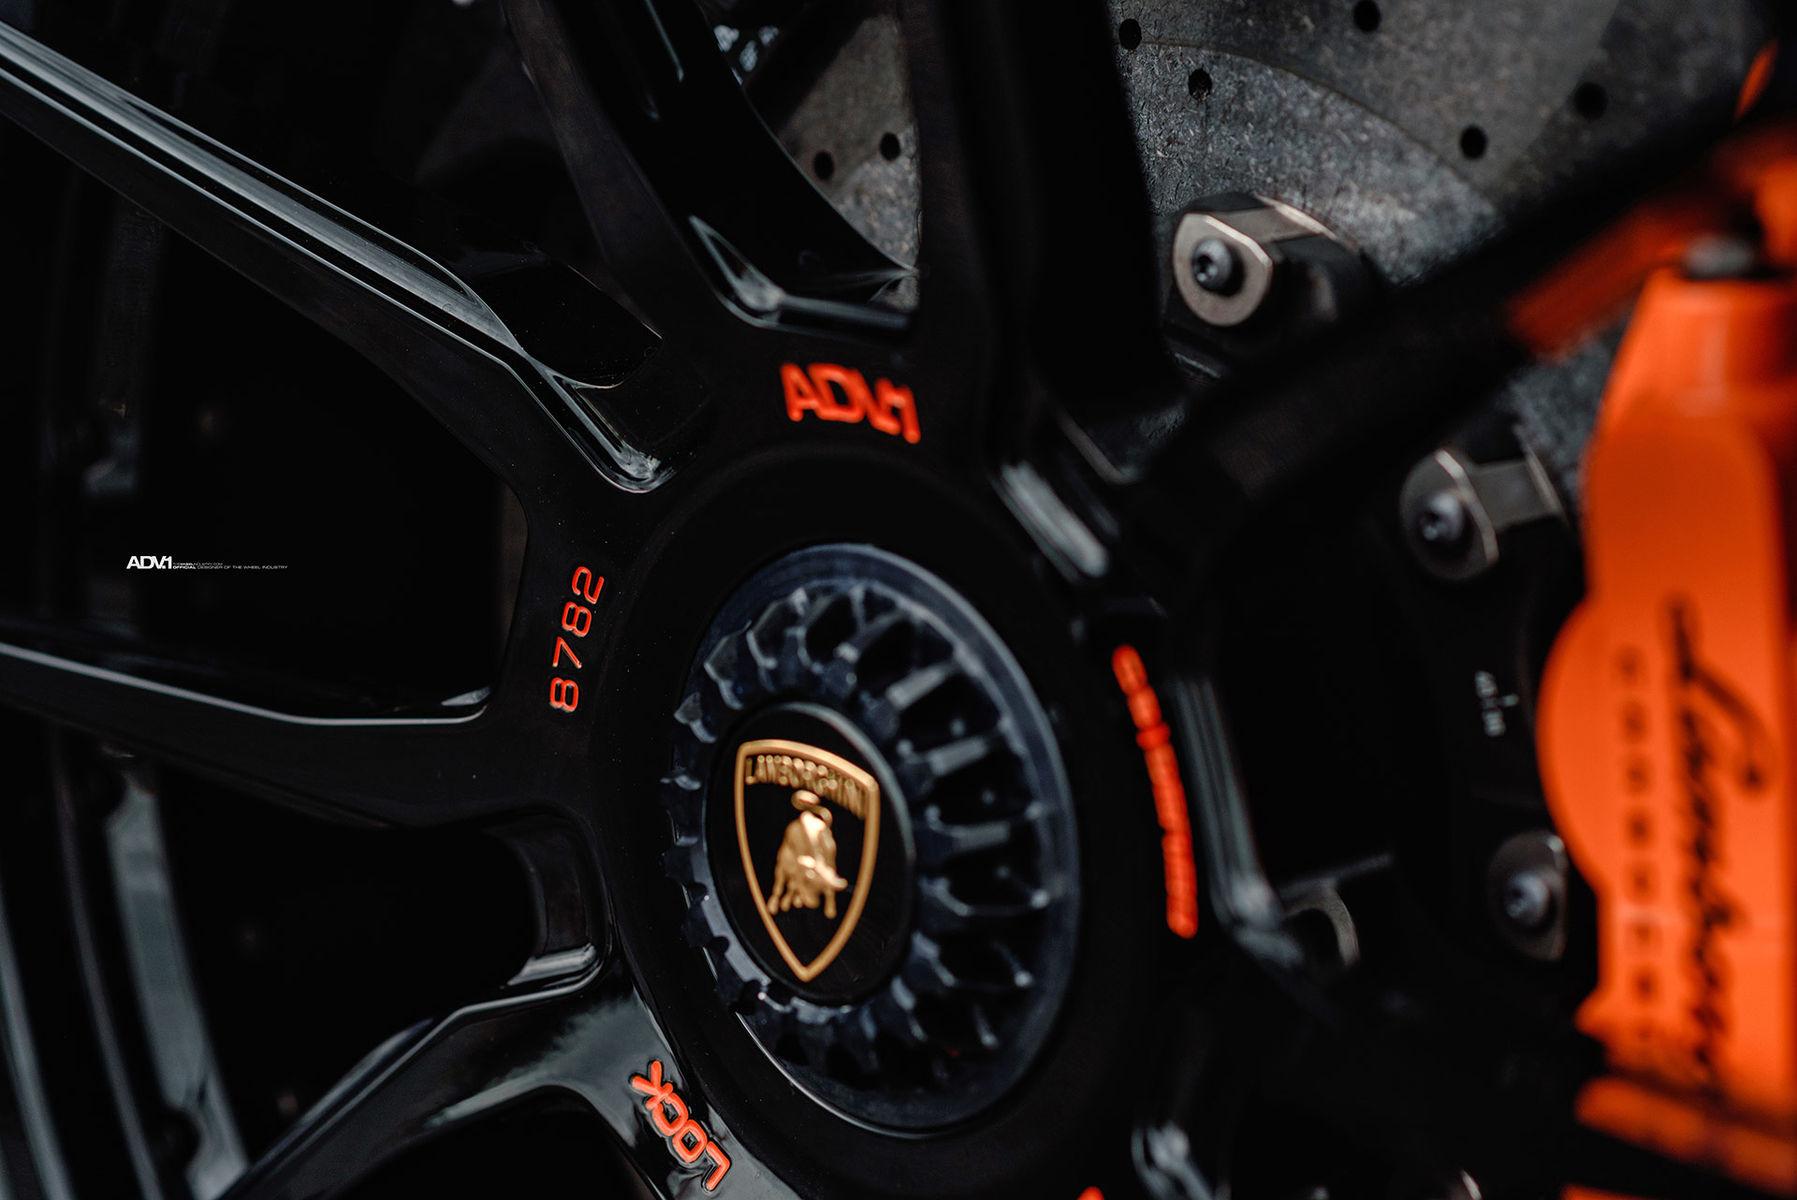 Lamborghini Aventador   Satin Black Lamborghini Aventador S - ADV.1 ADV5.0 M.V2 CS Series Wheels